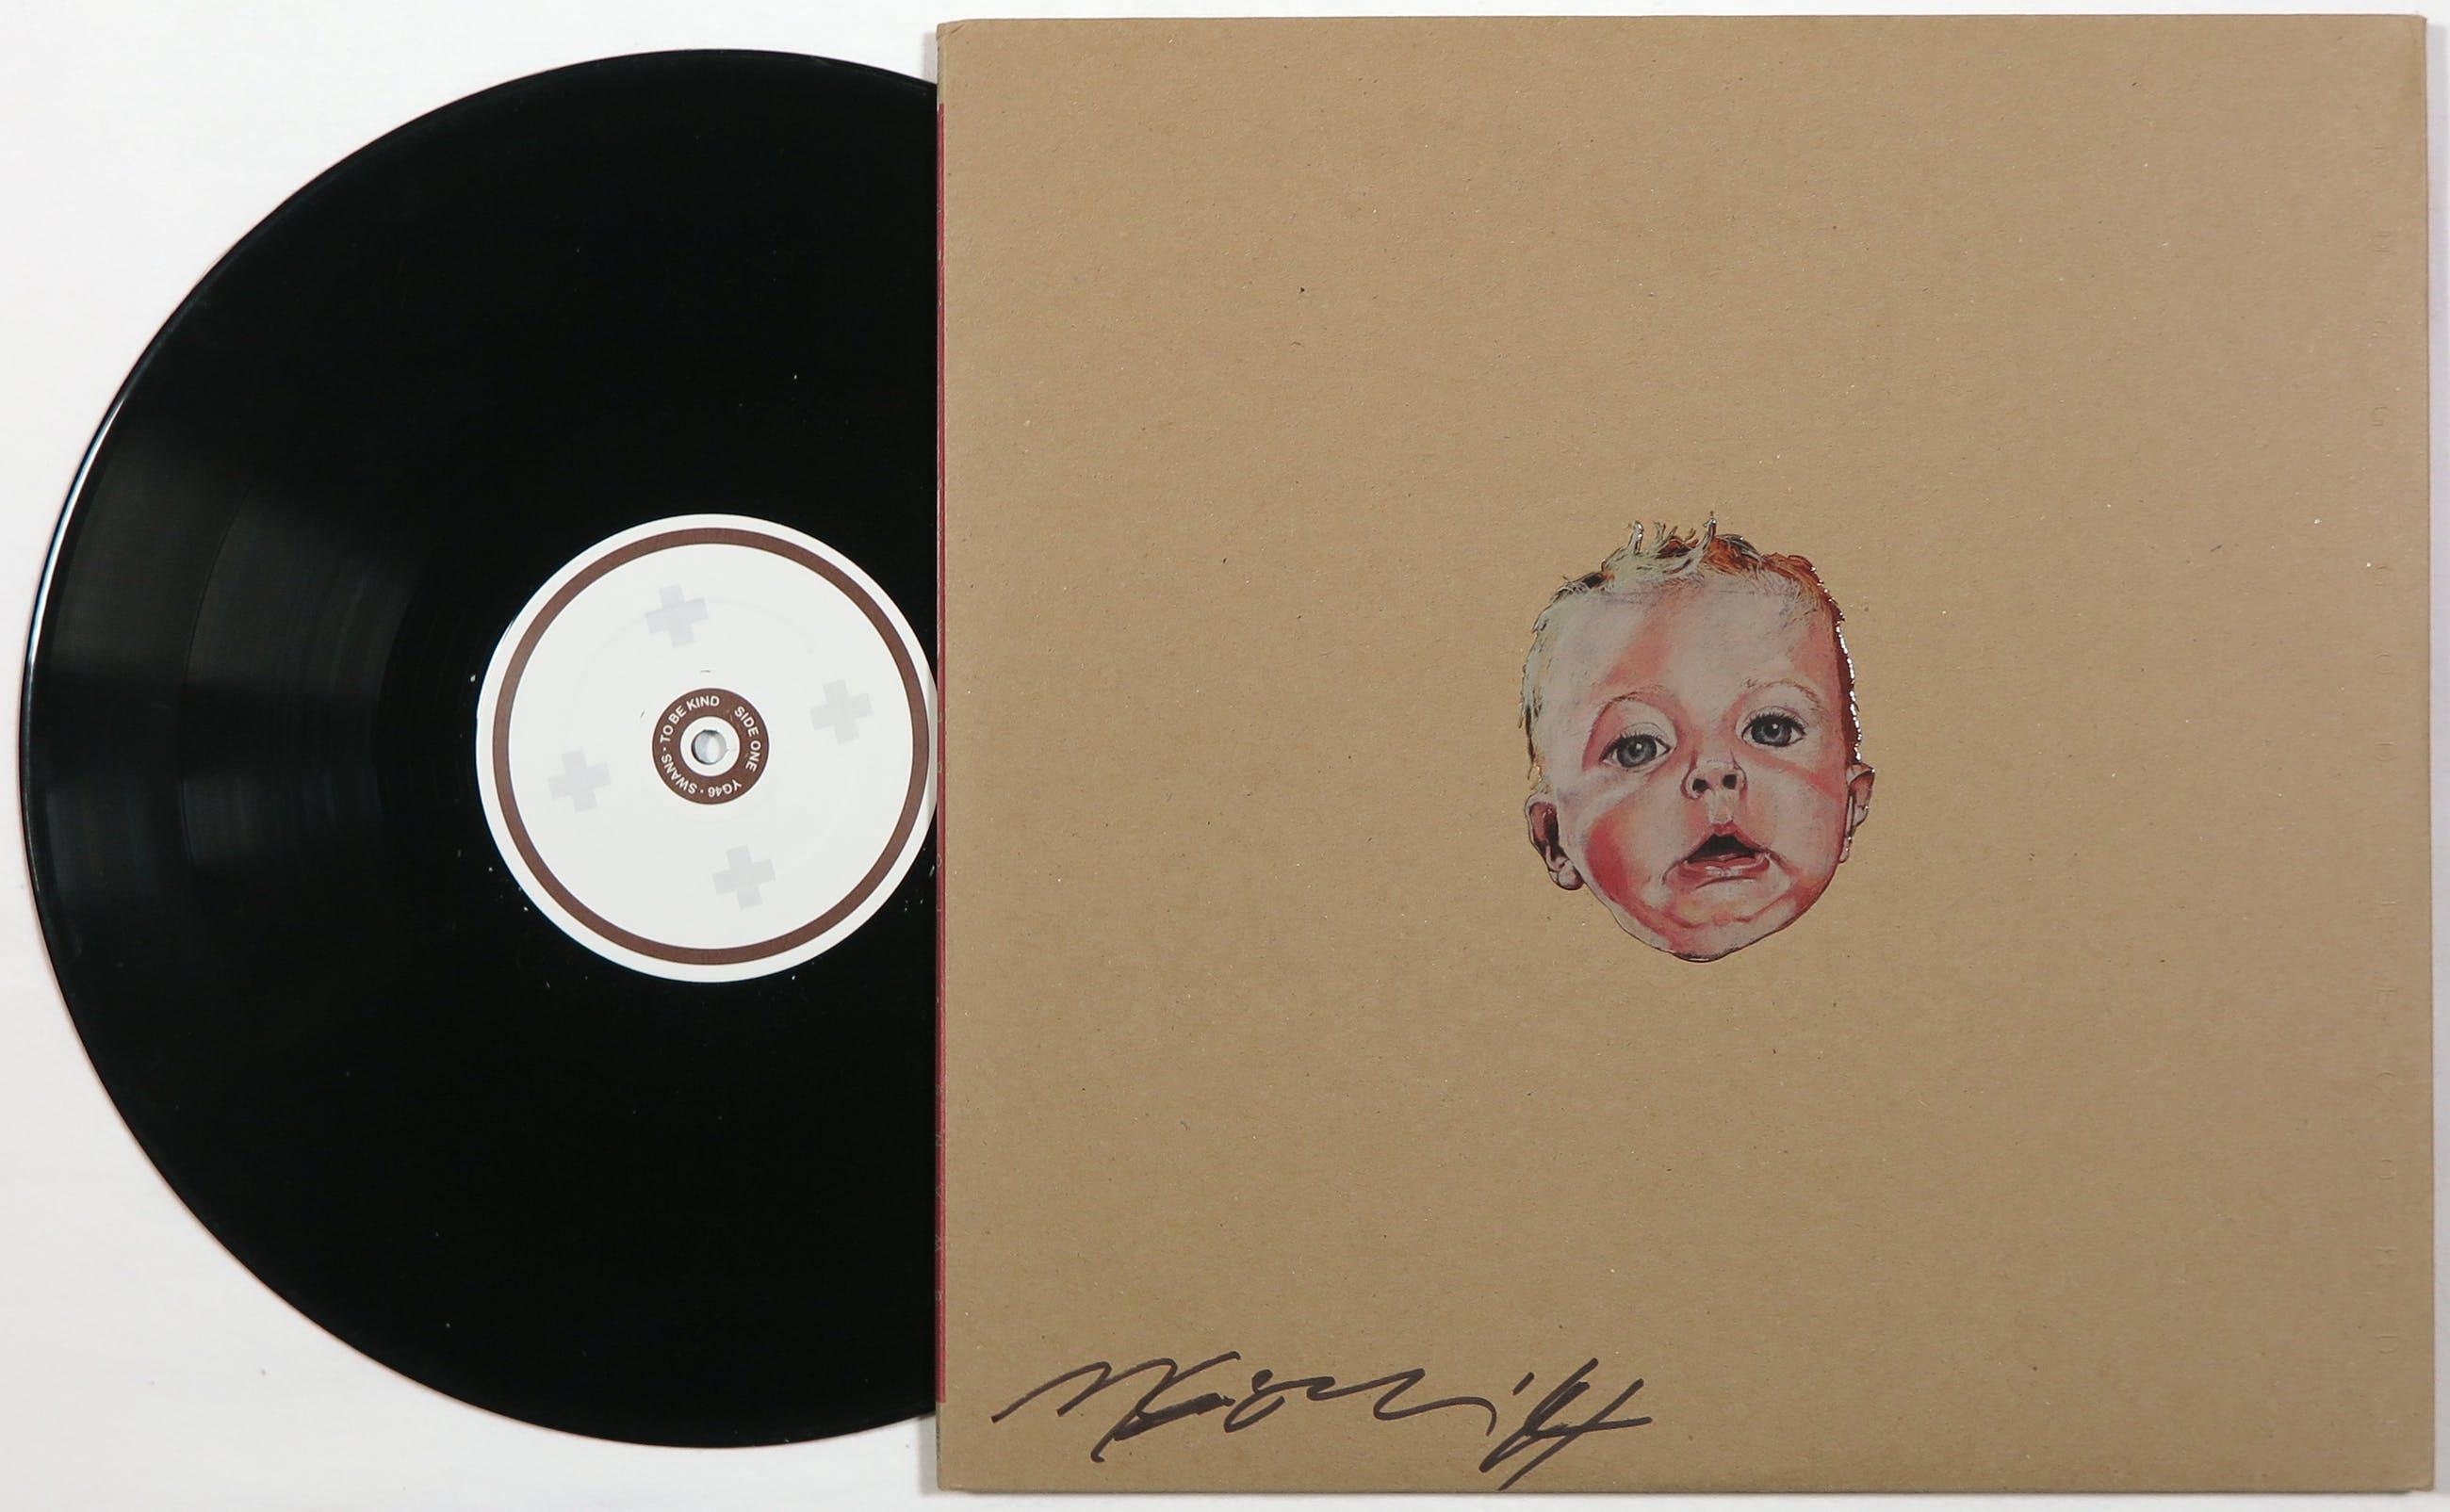 Swans - 3dubbel Album + Kaartje met download code - To Be Kind - Gesigneerd! kopen? Bied vanaf 1!